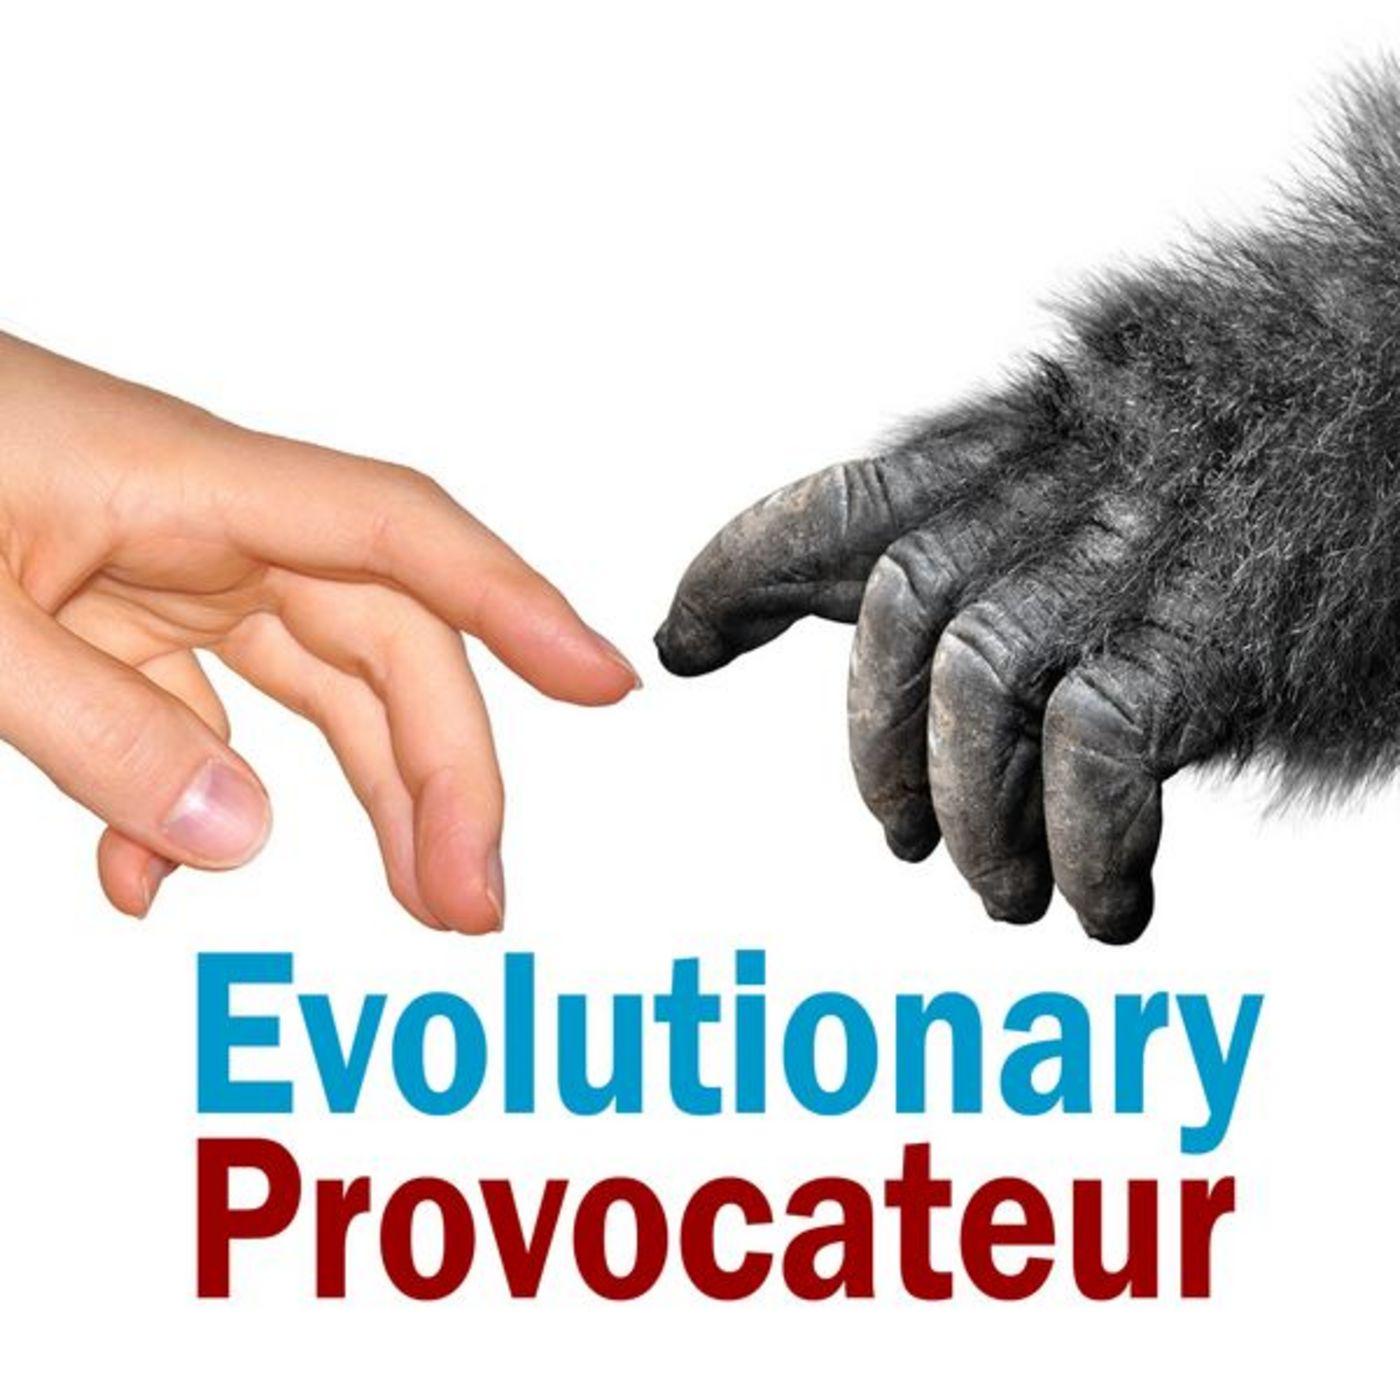 <![CDATA[Evolutionary Provocateur]]>